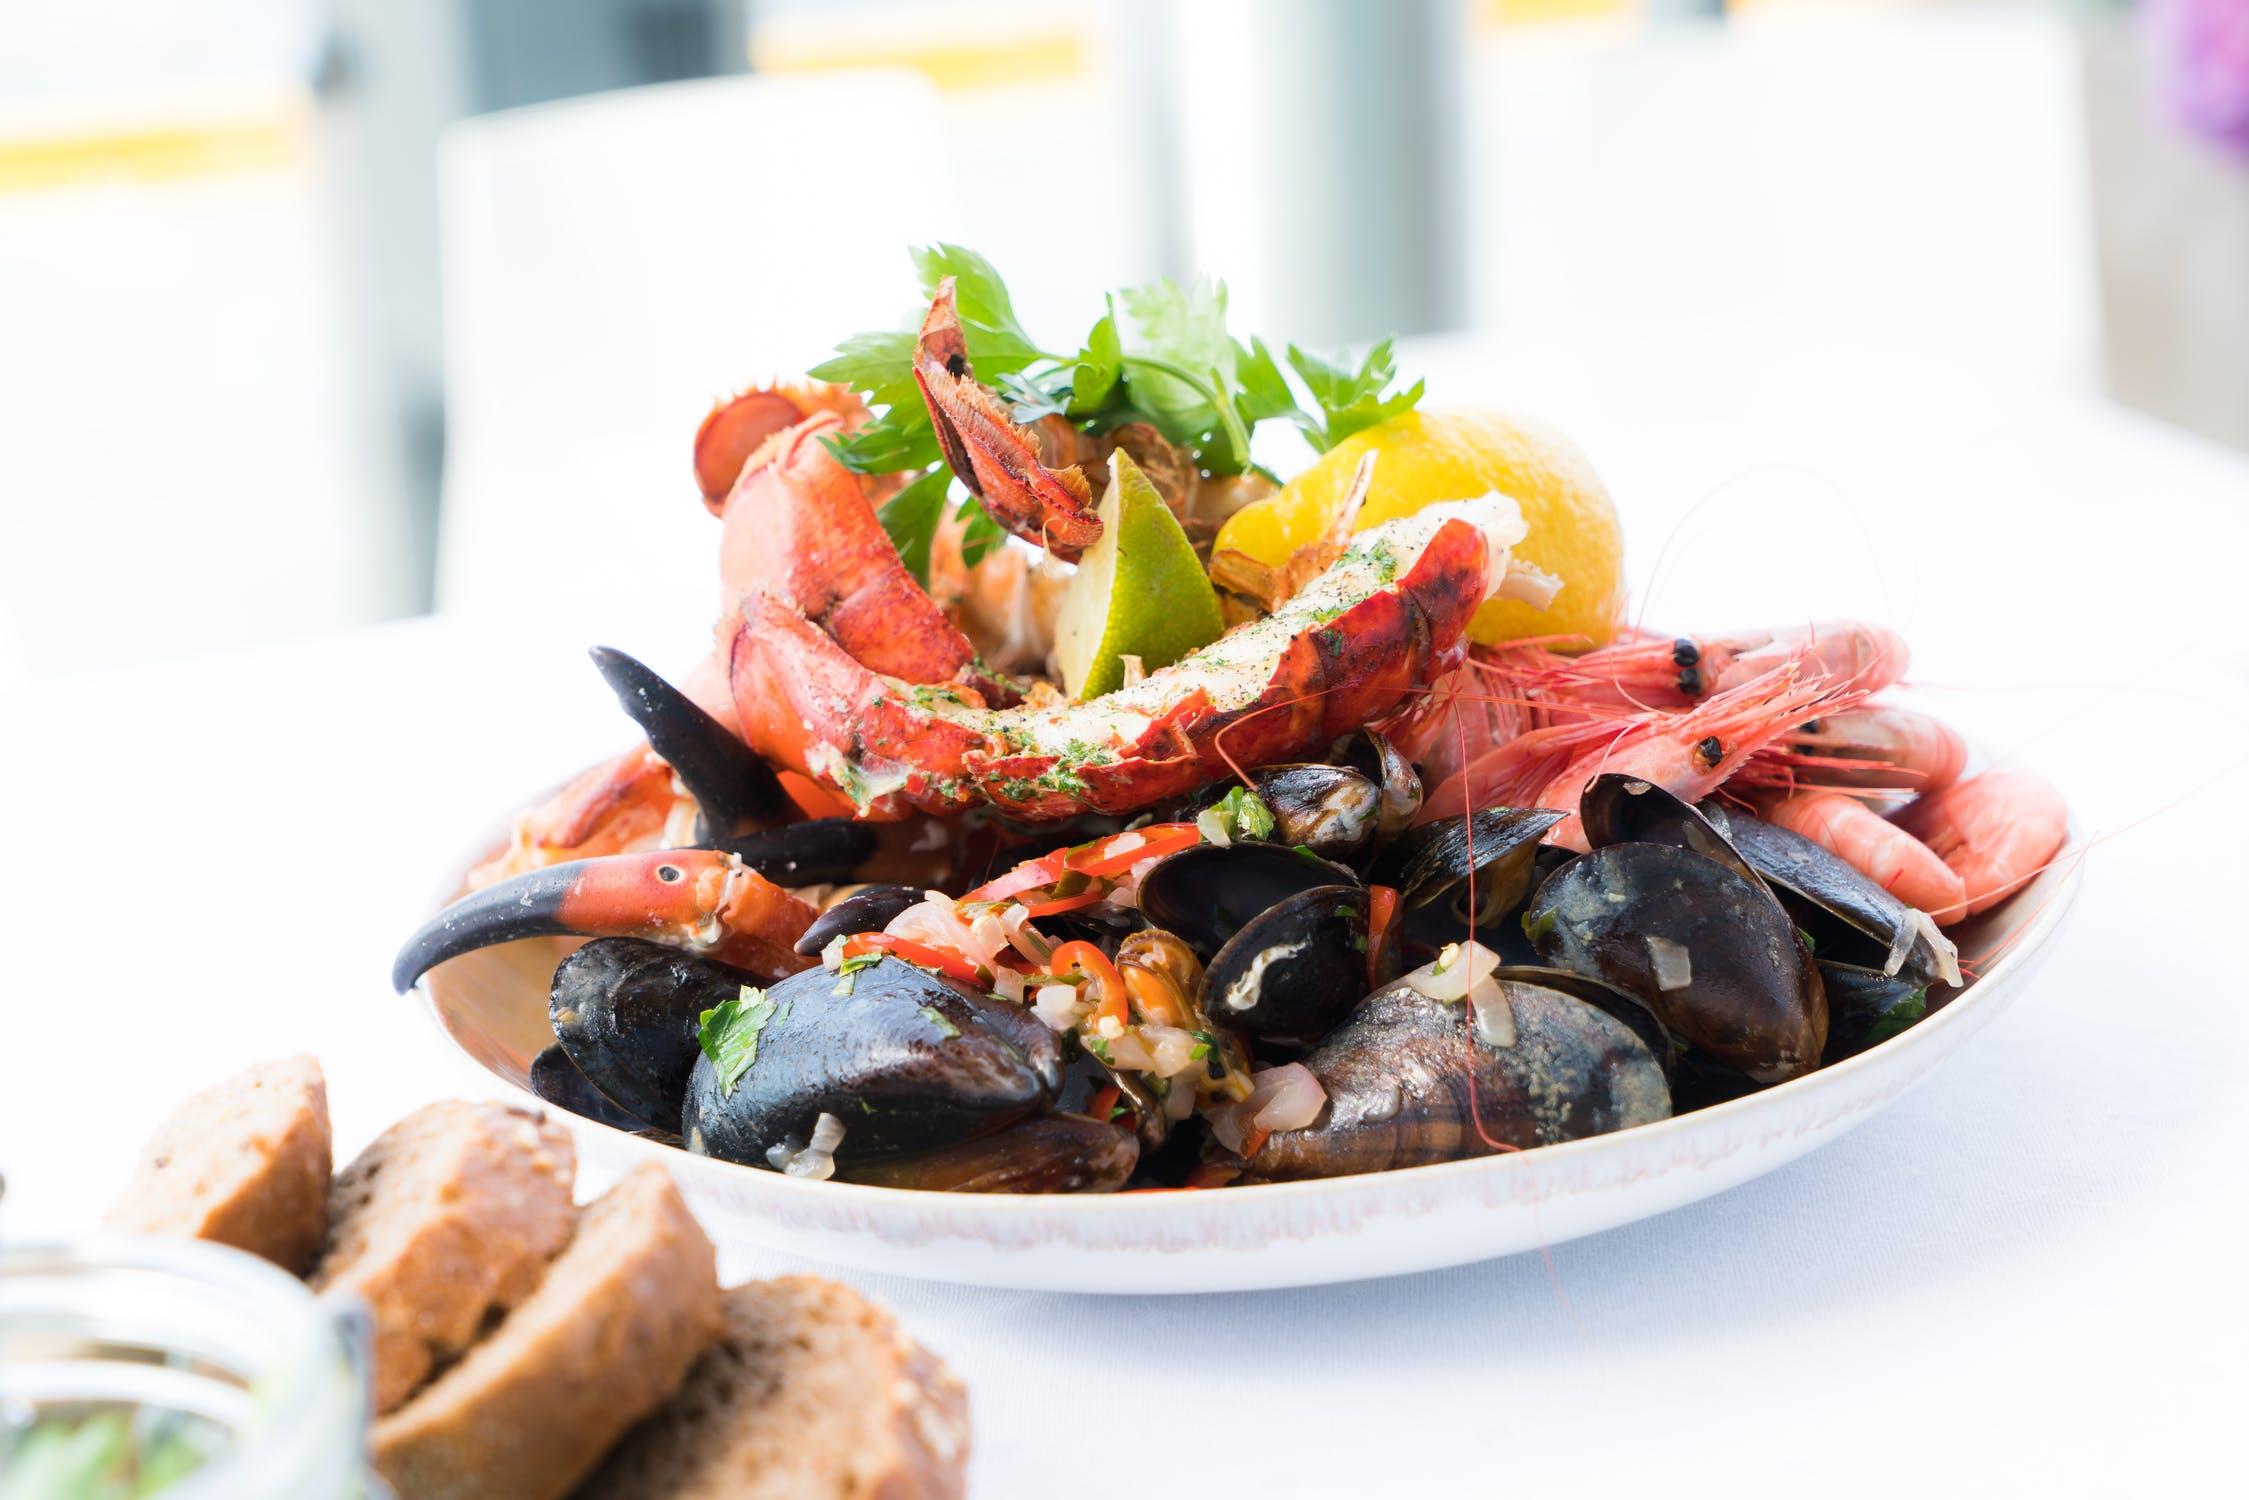 Top 5 Seafood Restaurants in Cartagena